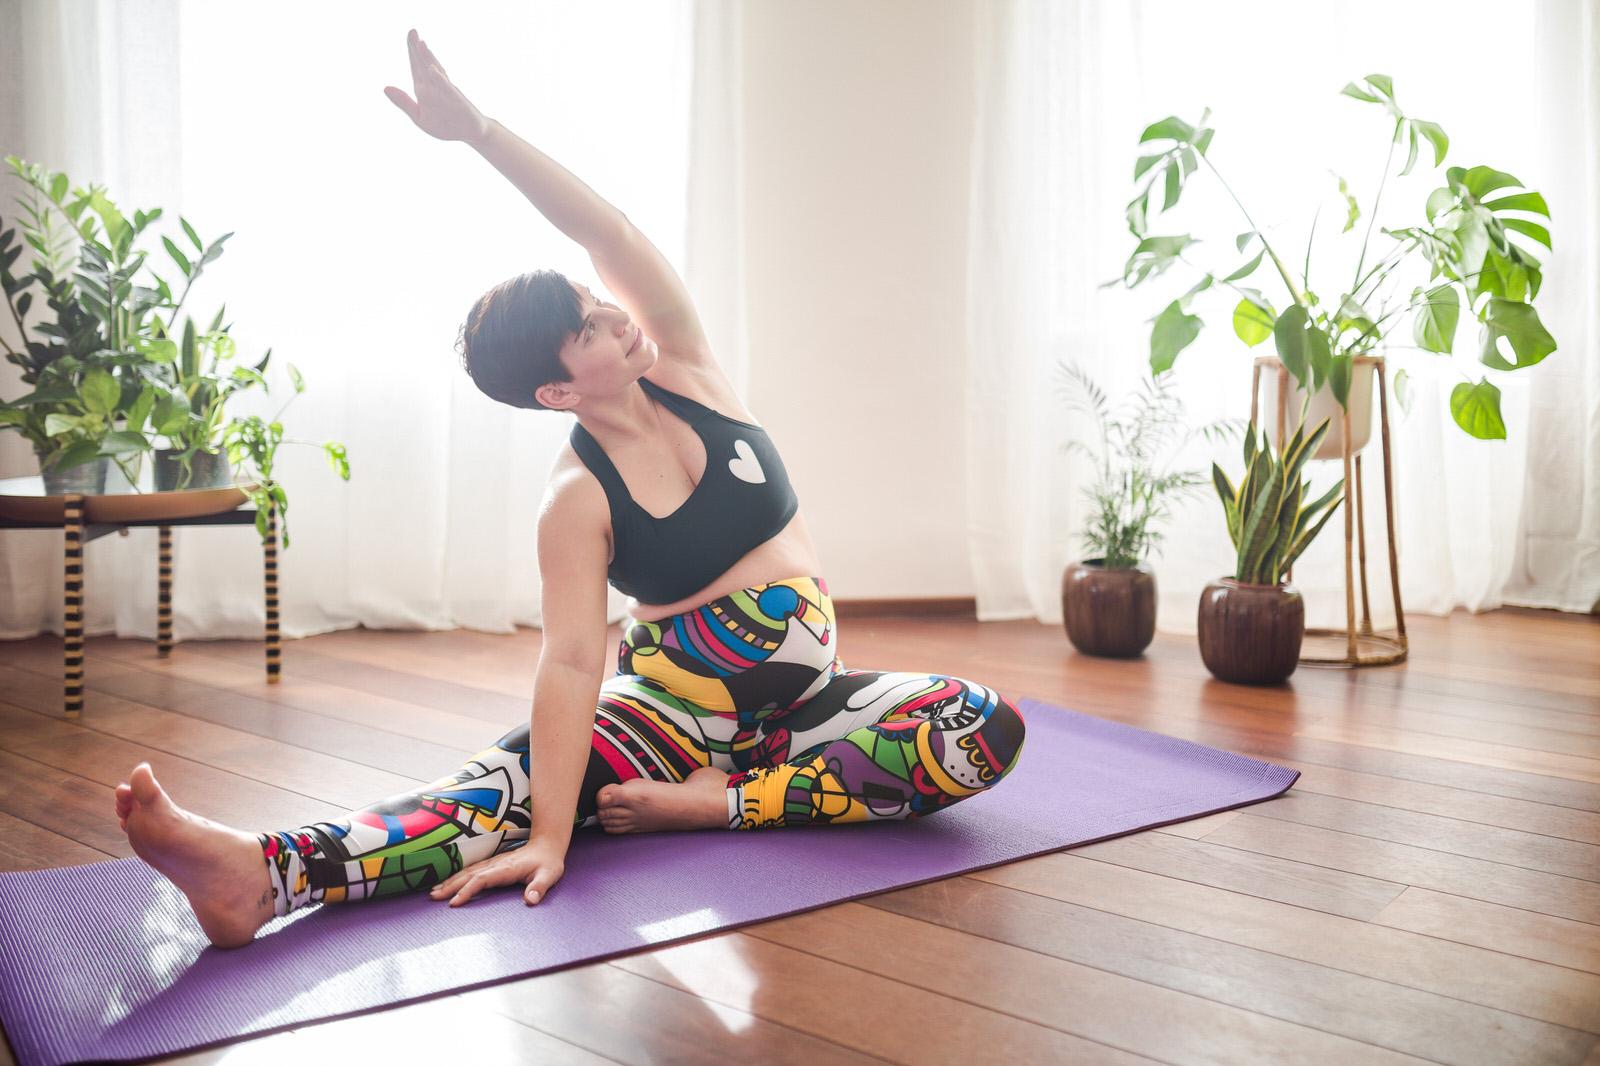 Jak na cvičení a sportování v těhotenství